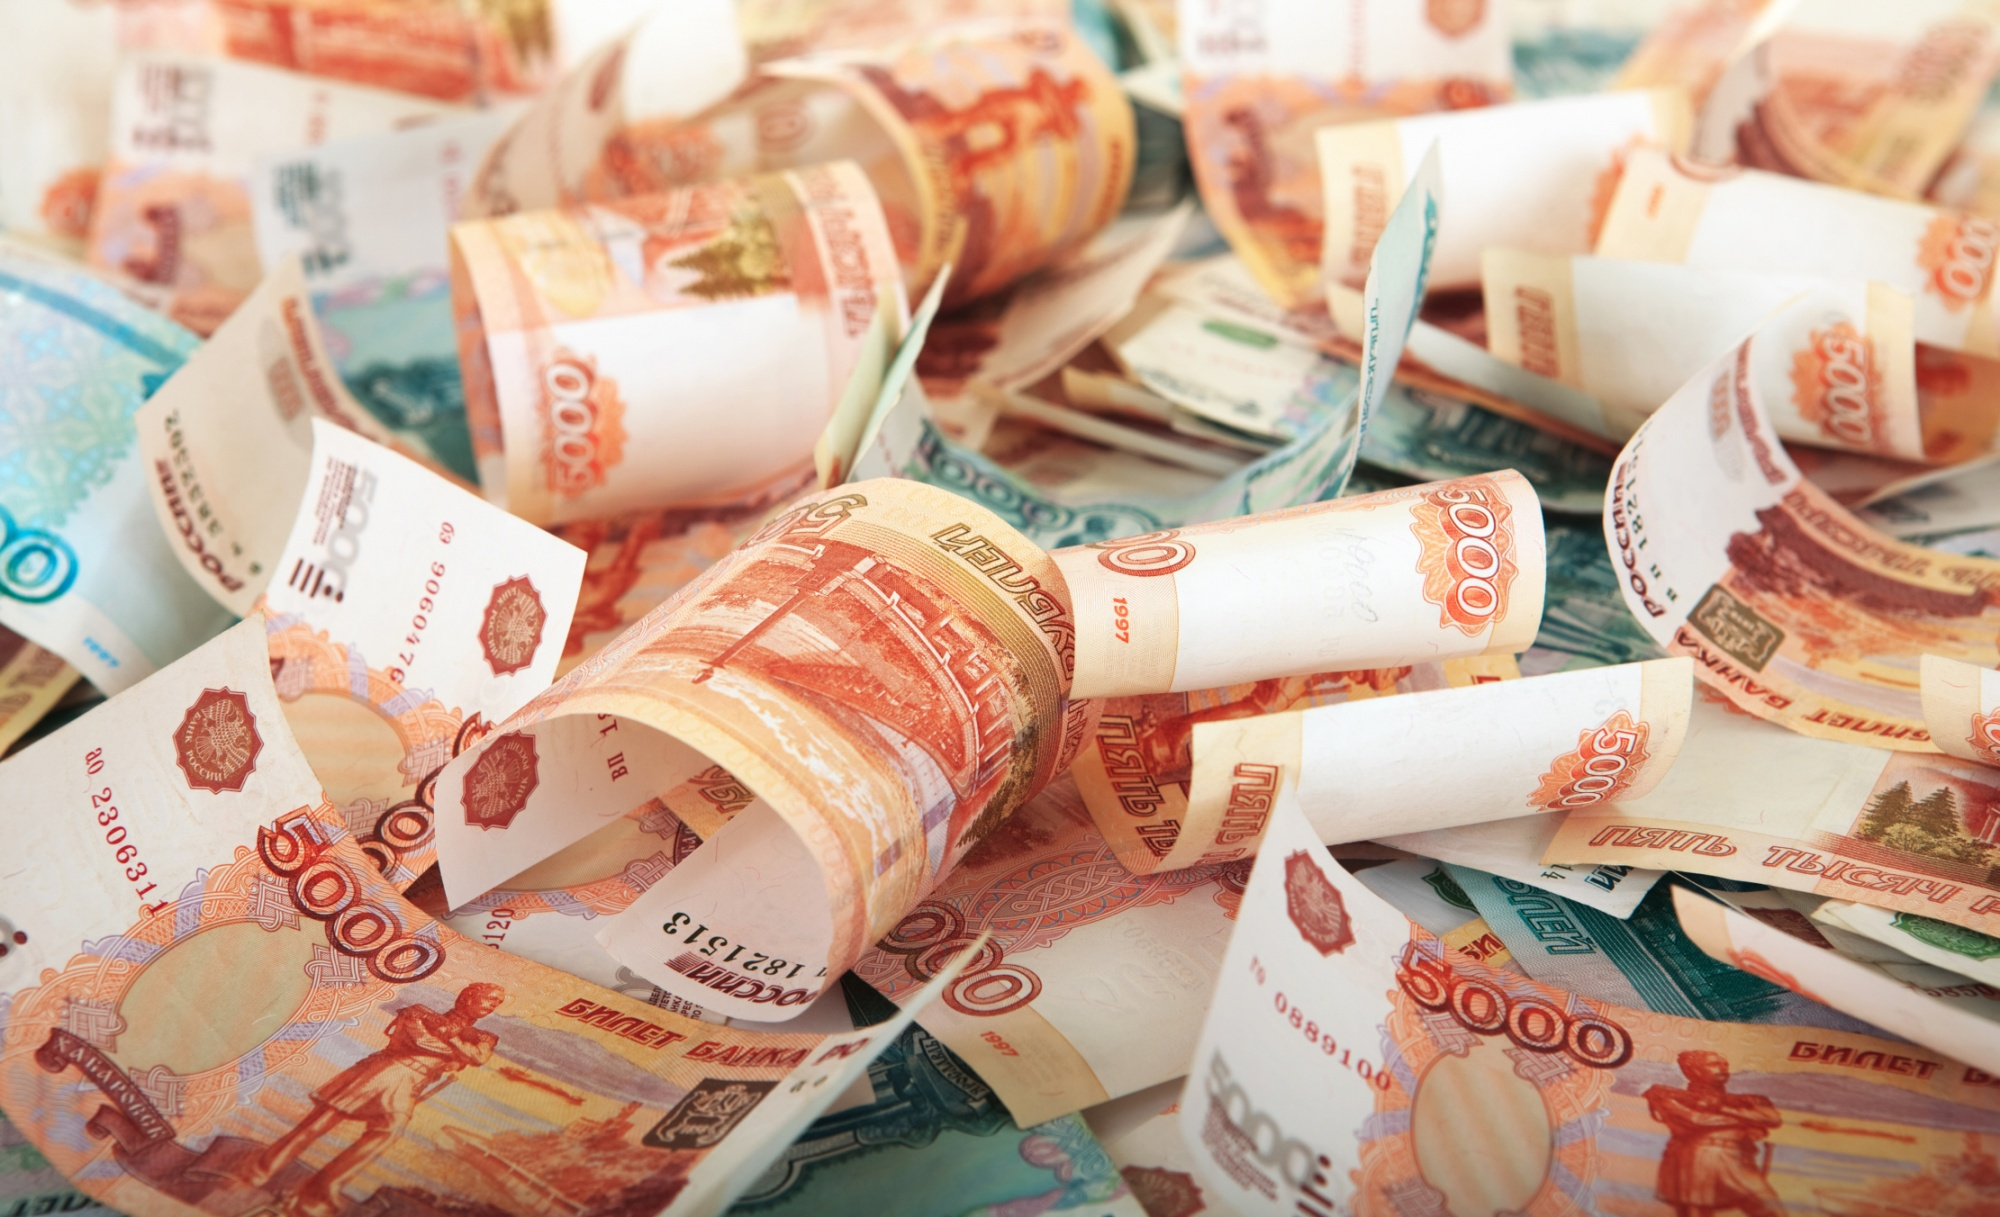 хозяева приусадебных фотообои российские деньги на рабочий стол этой серии